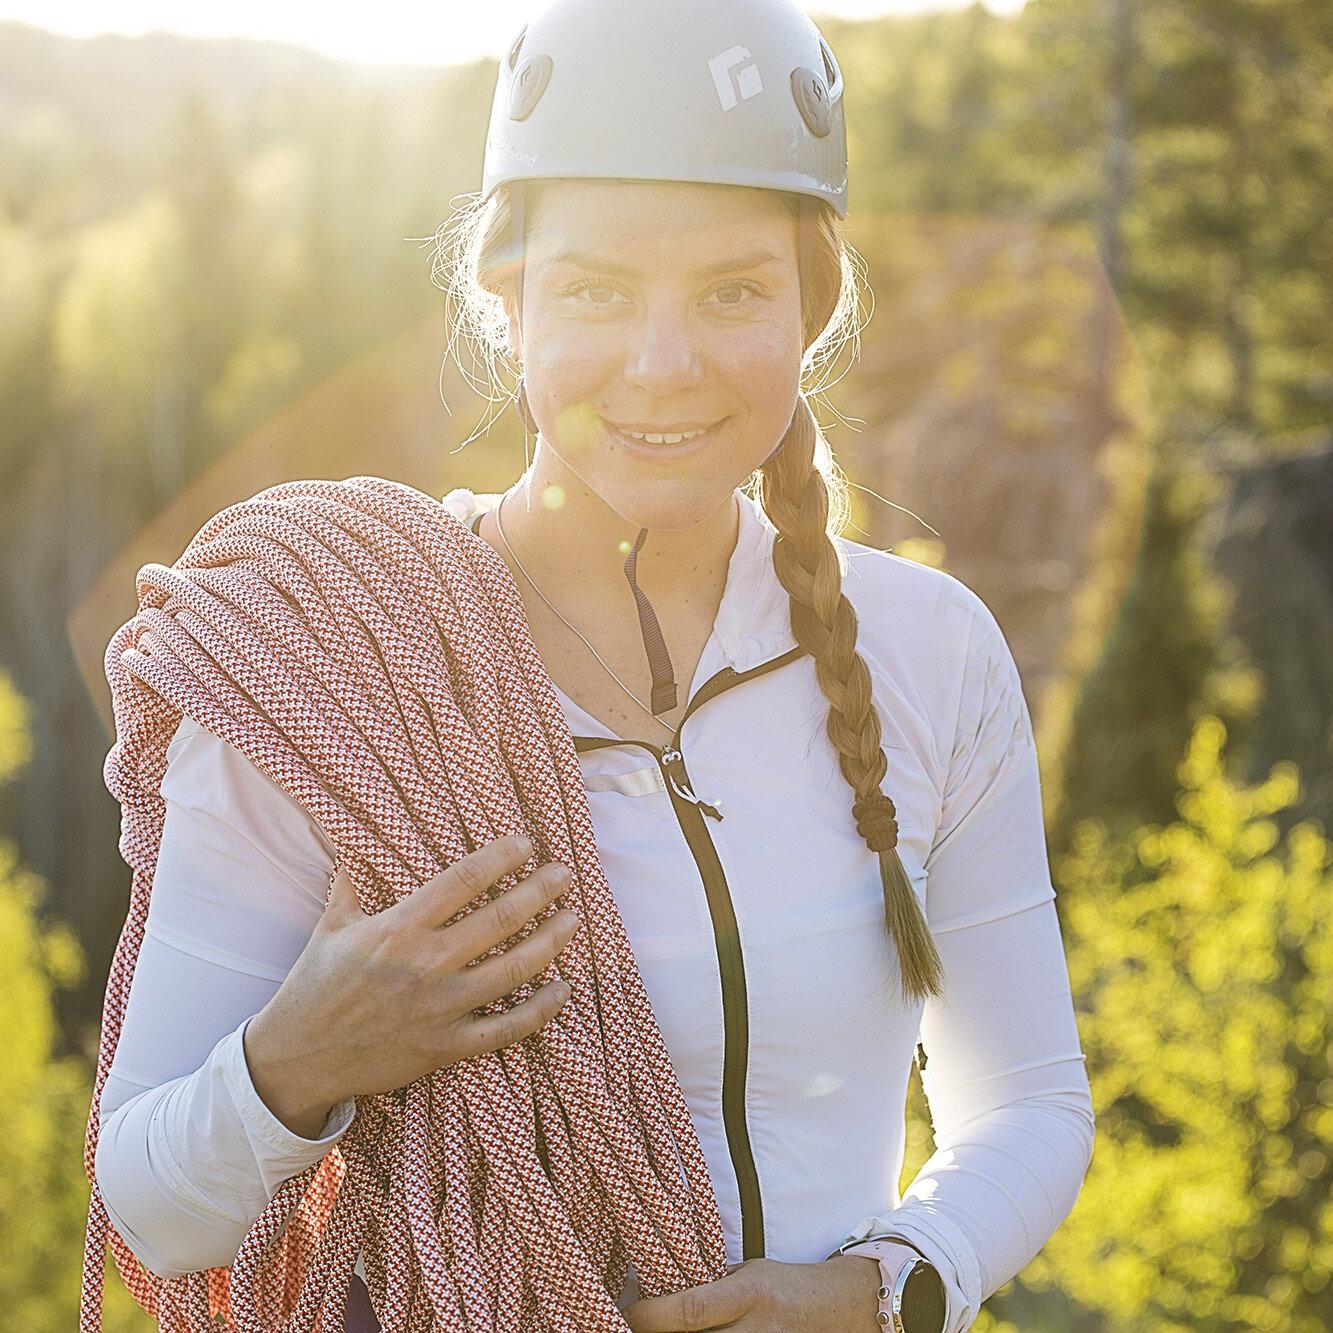 Anni Penttilä - Tapahtumalavan esitykset avaa 26-vuotias helsinkiläinen, joka on seikkailut eri puolilla maailmaa vuorikiipeillen. Annin tavoitteena on kiivetä Mt. Everestin huipulle 2020. Anni kertoo vuorikiipeilyyn valmistautumisesta ja millainen projekti Mt. Everestille nousemisesta syntyy.